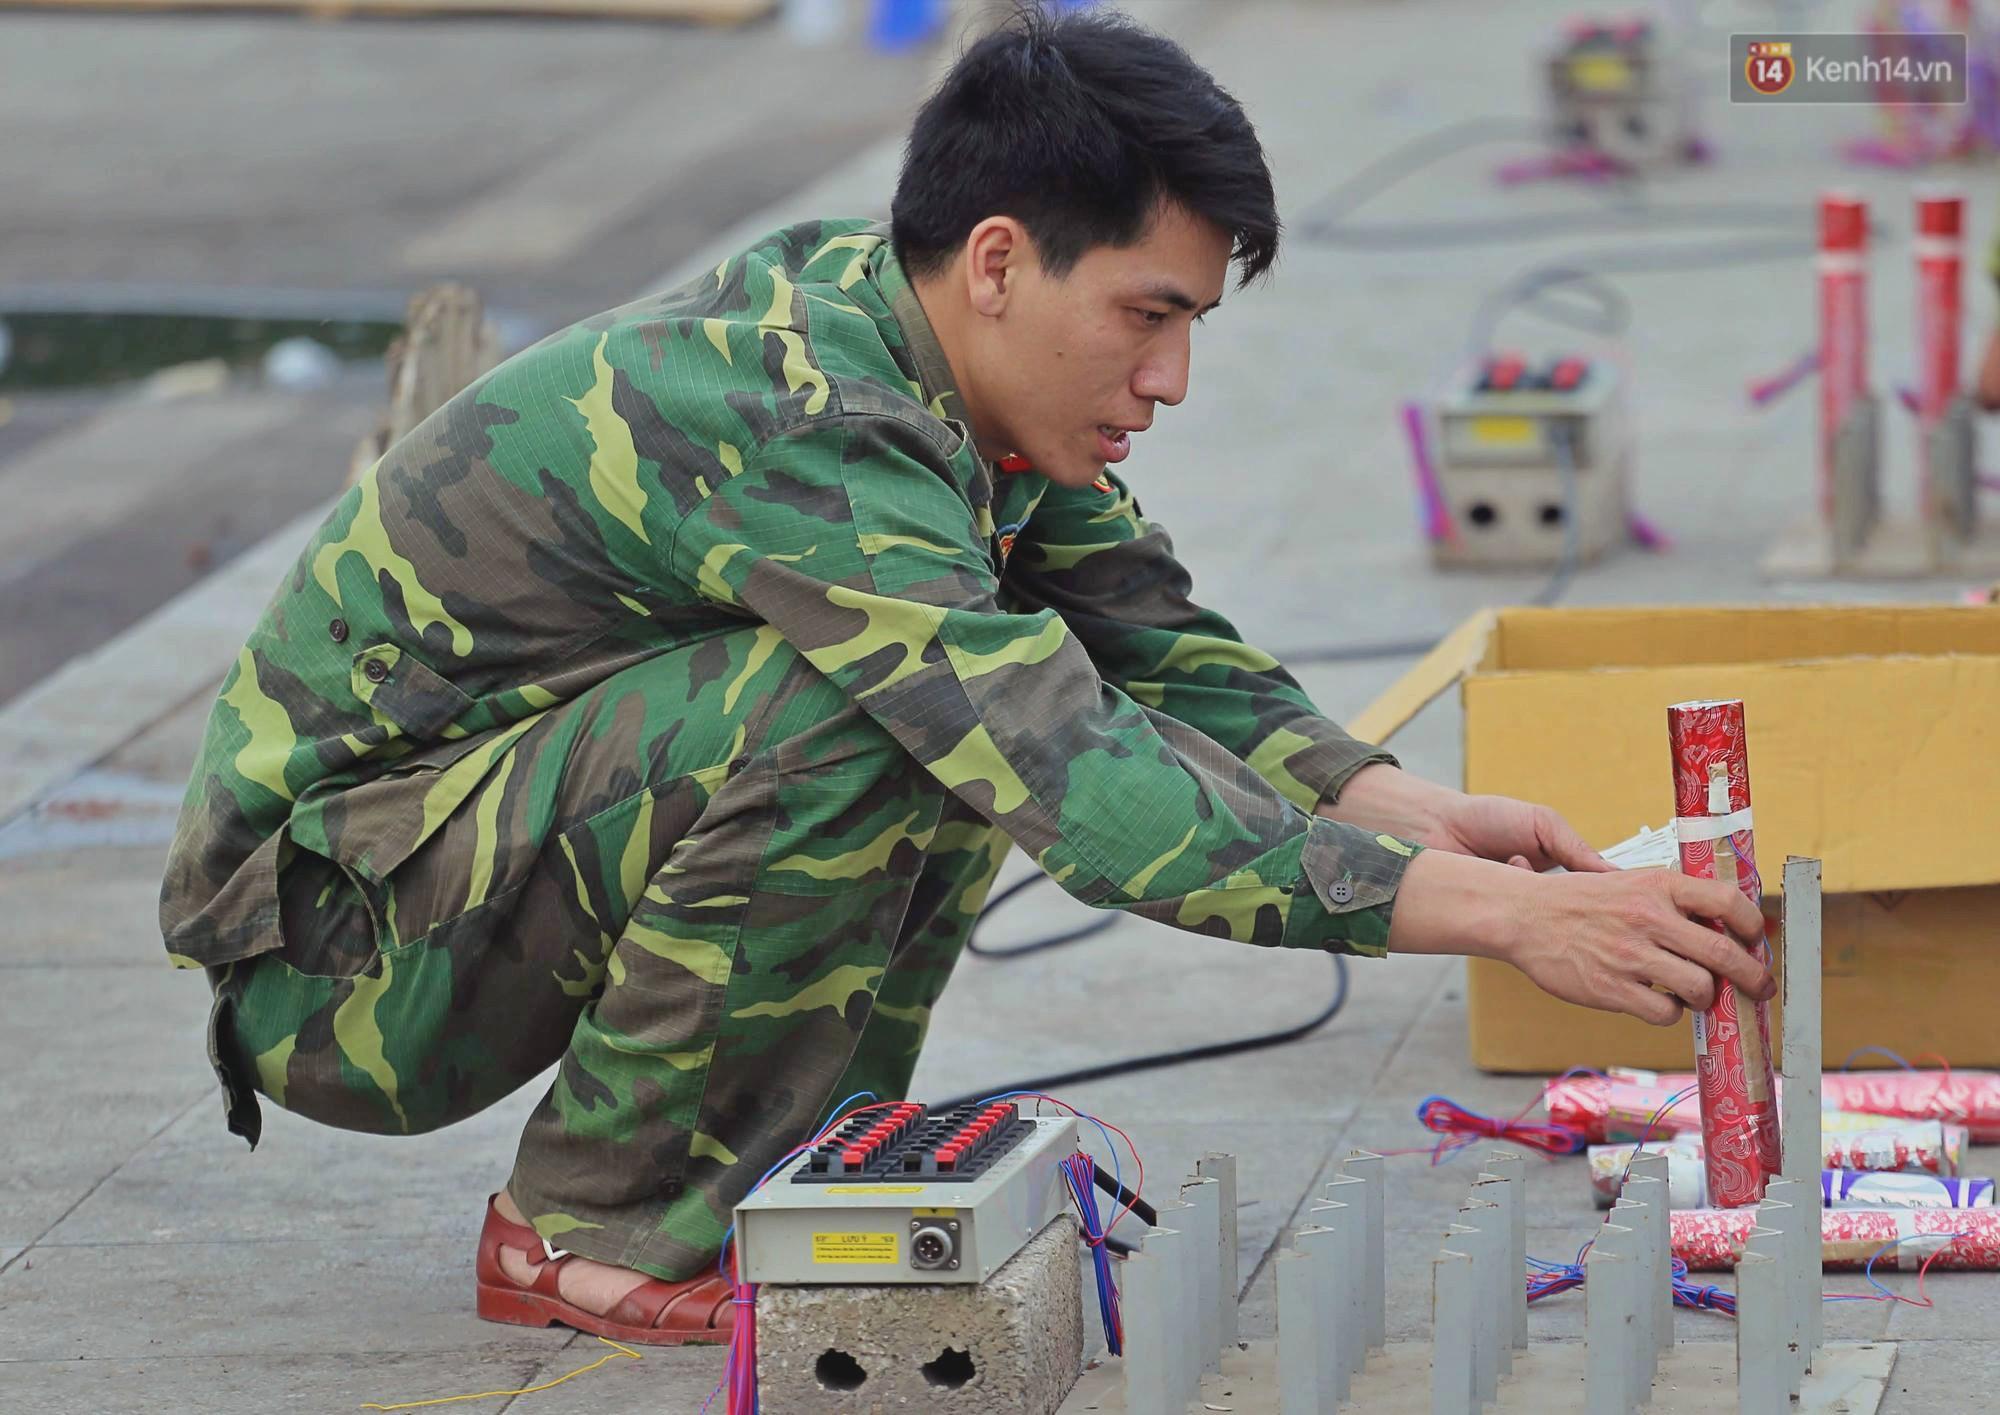 Hà Nội: Trận địa pháo hoa tại Hồ Tây đang tất bật chuẩn bị để chờ đón phút giây giao thừa - Ảnh 5.